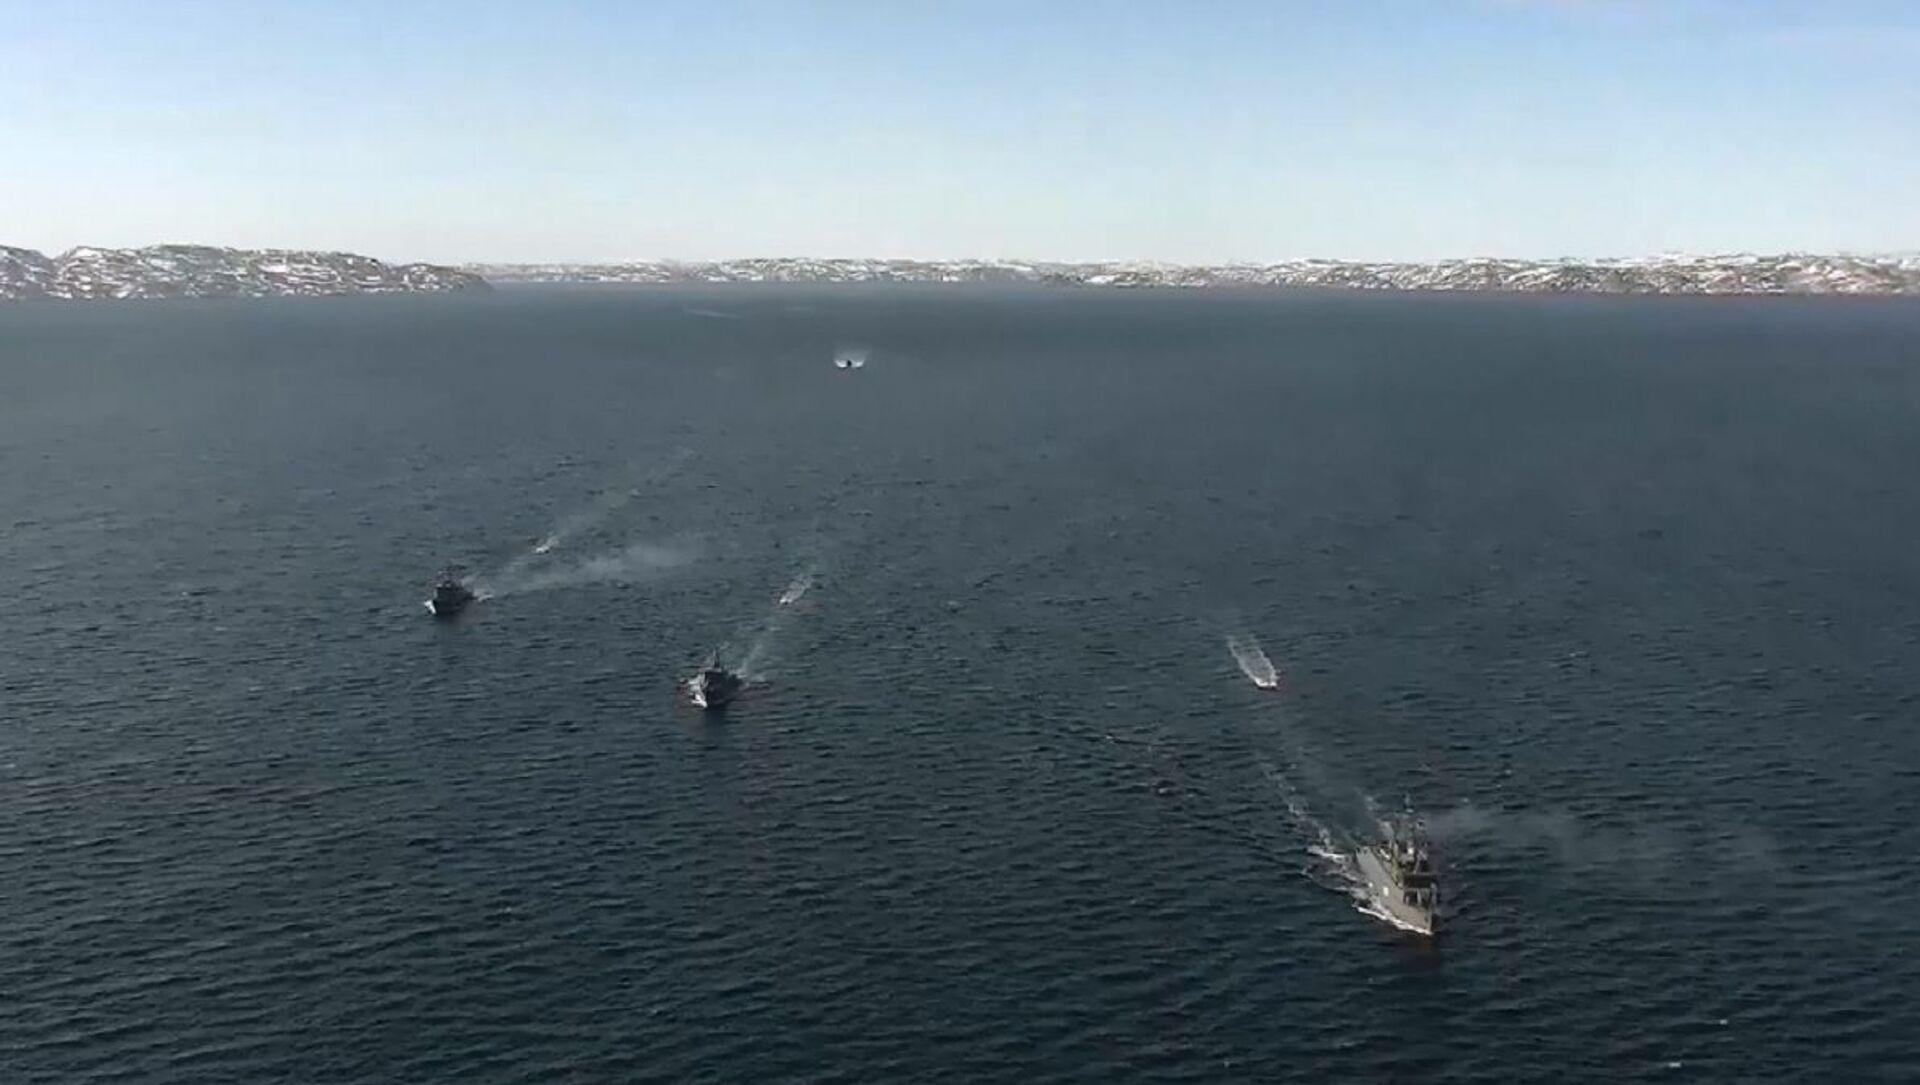 Nella Flotta del Nord della Marina militare russa sono iniziate le esercitazioni del centro di comando - Sputnik Italia, 1920, 20.04.2021